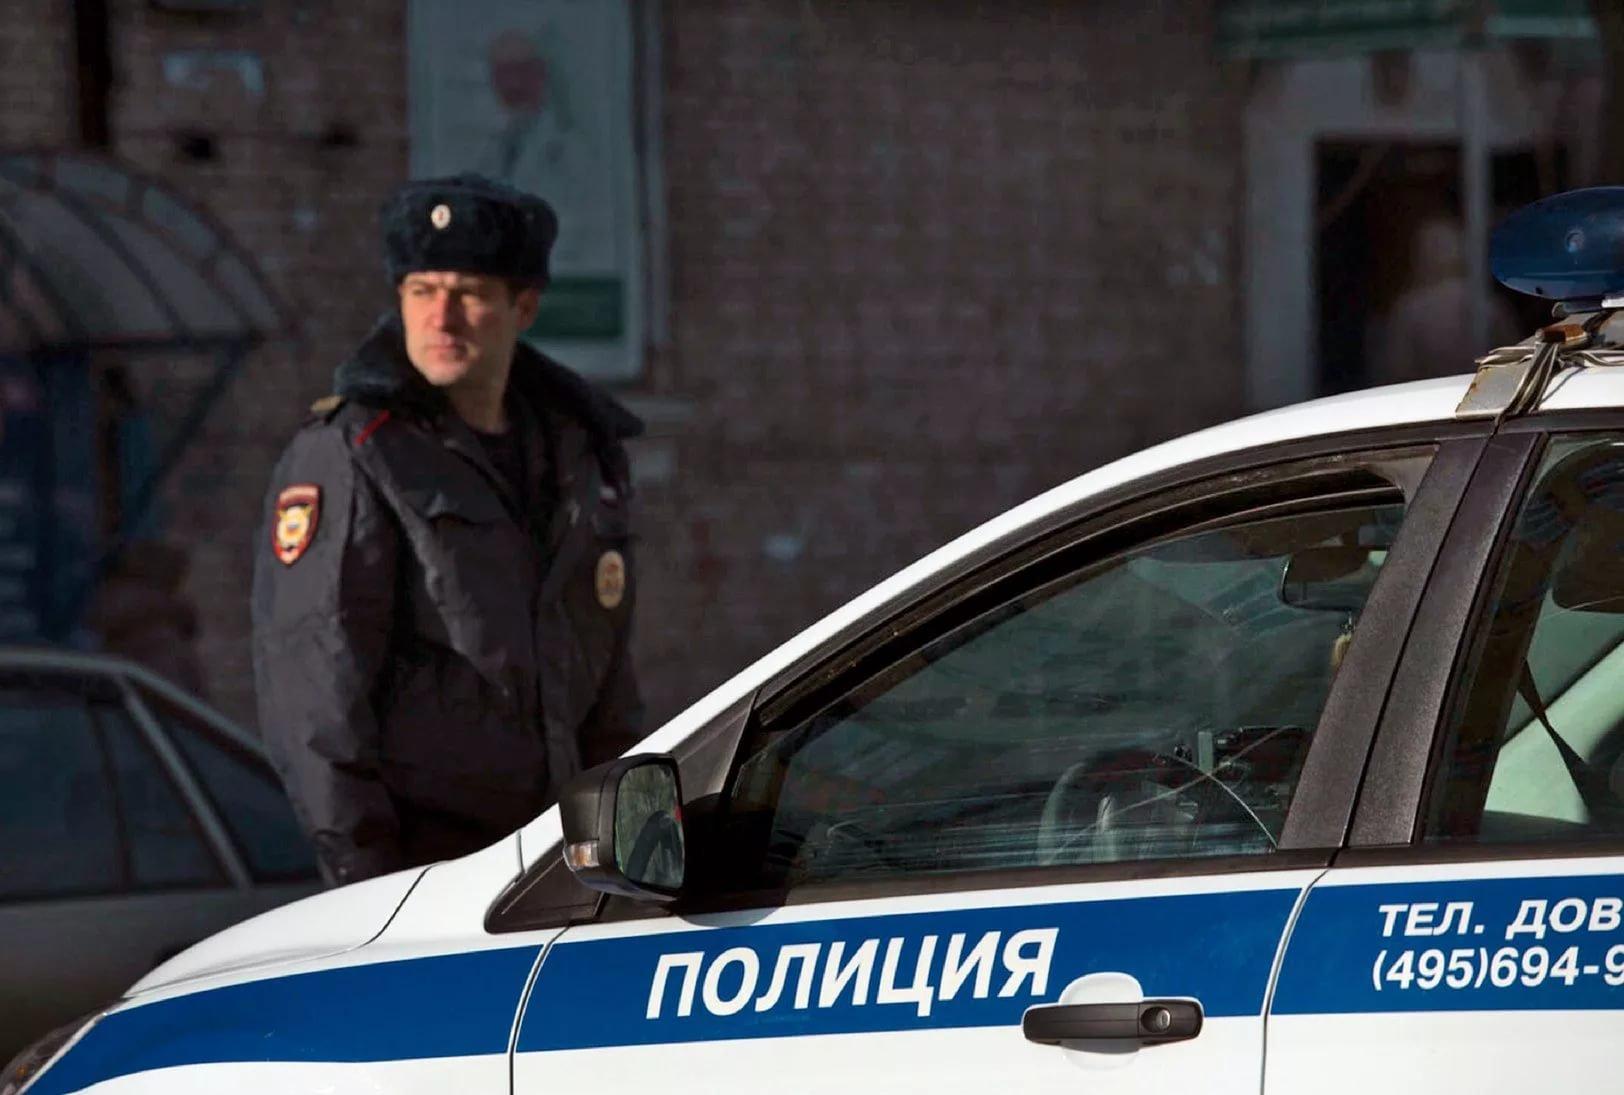 Мертвеца обнаружили вброшенной машине в новейшей российской столице